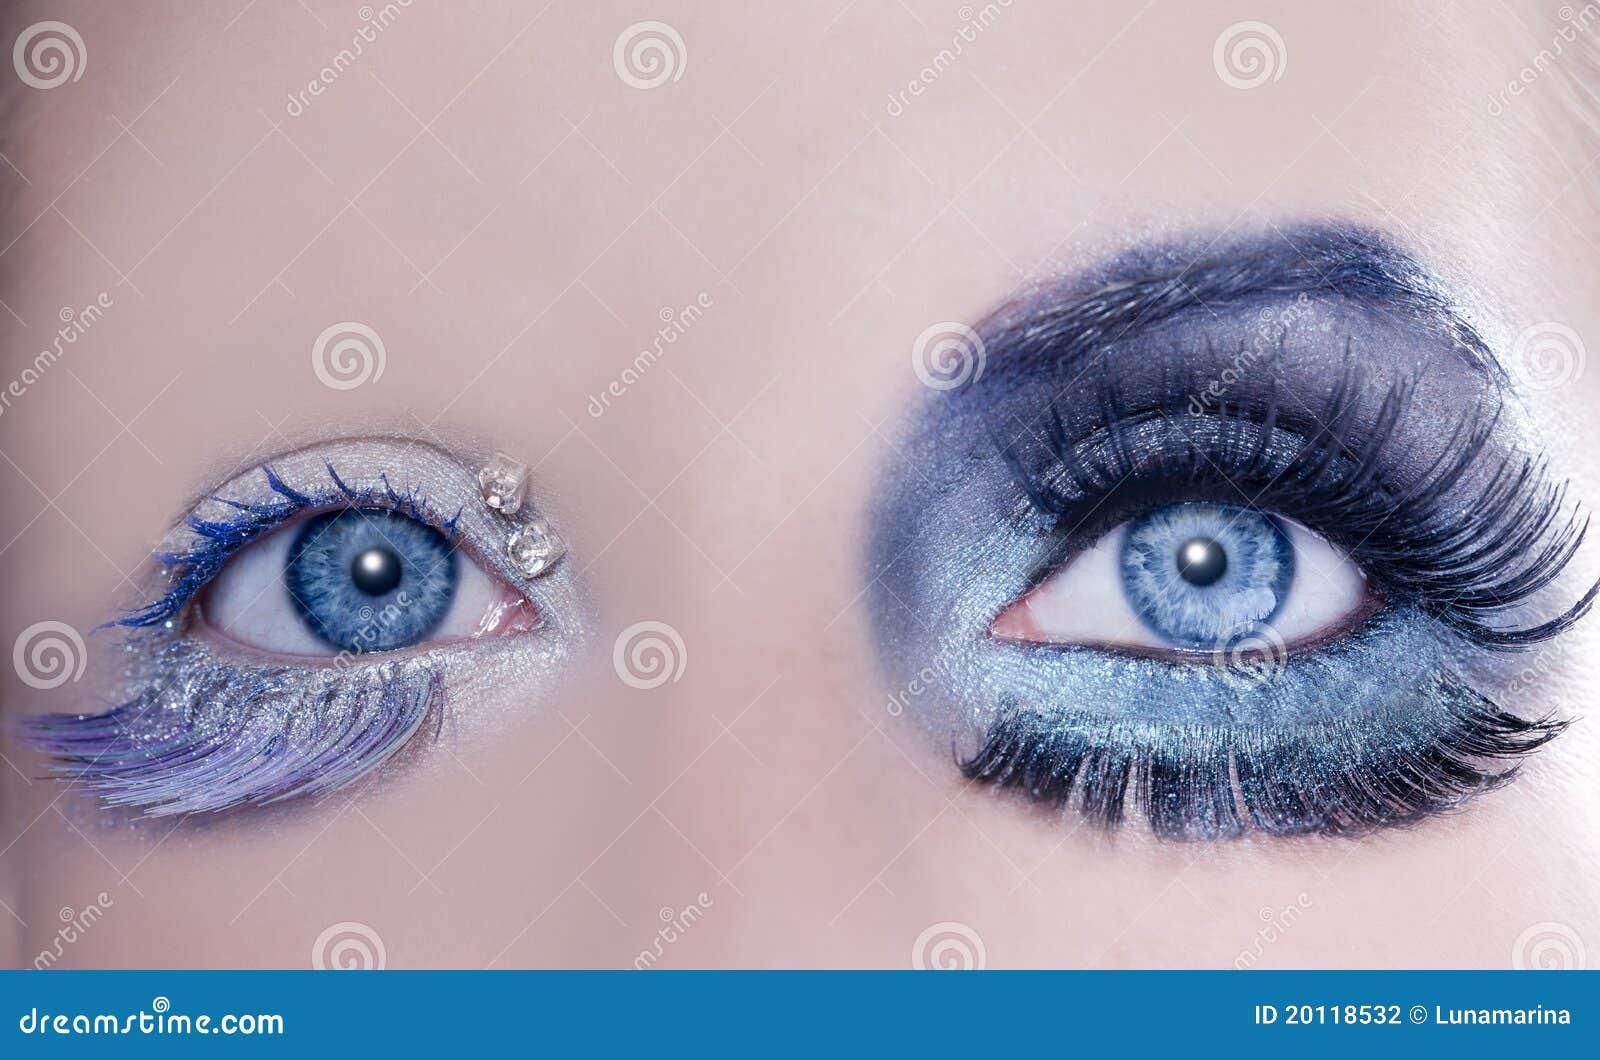 Asymmetrical Blue Eyes Makeup Macro Closeup Silver Stock Photo